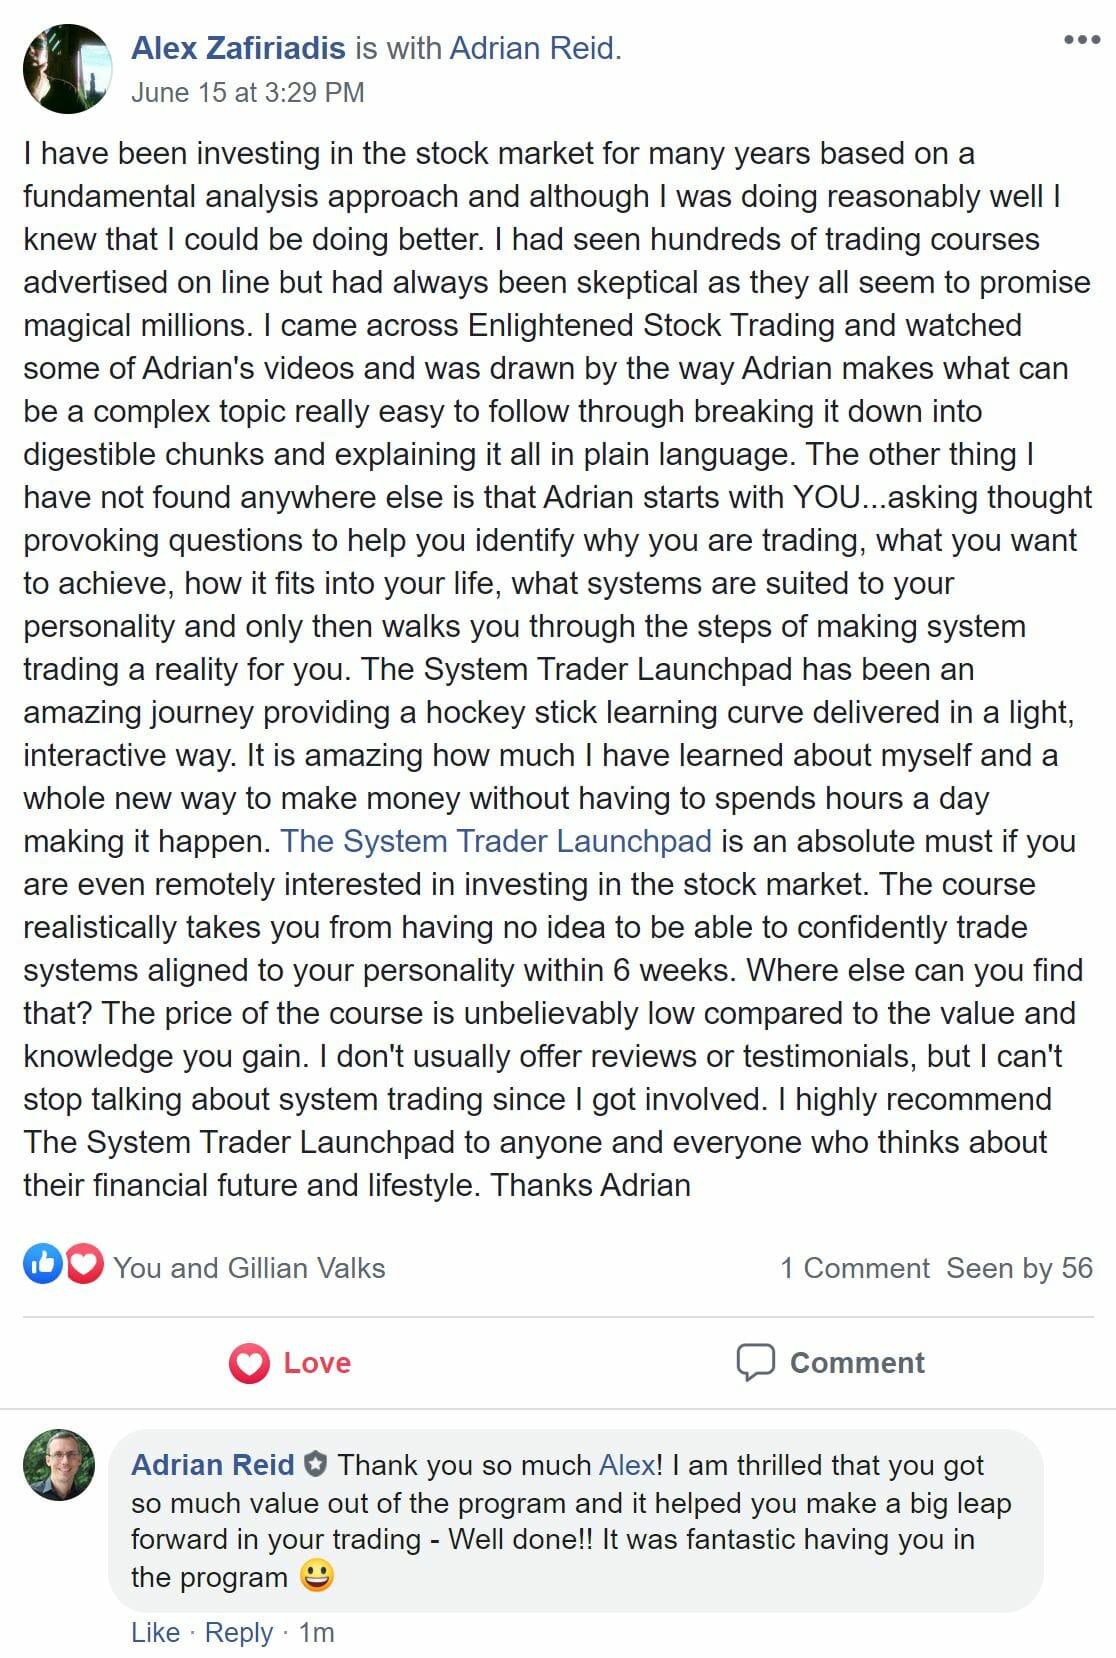 Alex Zafiriadis - Testimonial for System Trader Launchpad